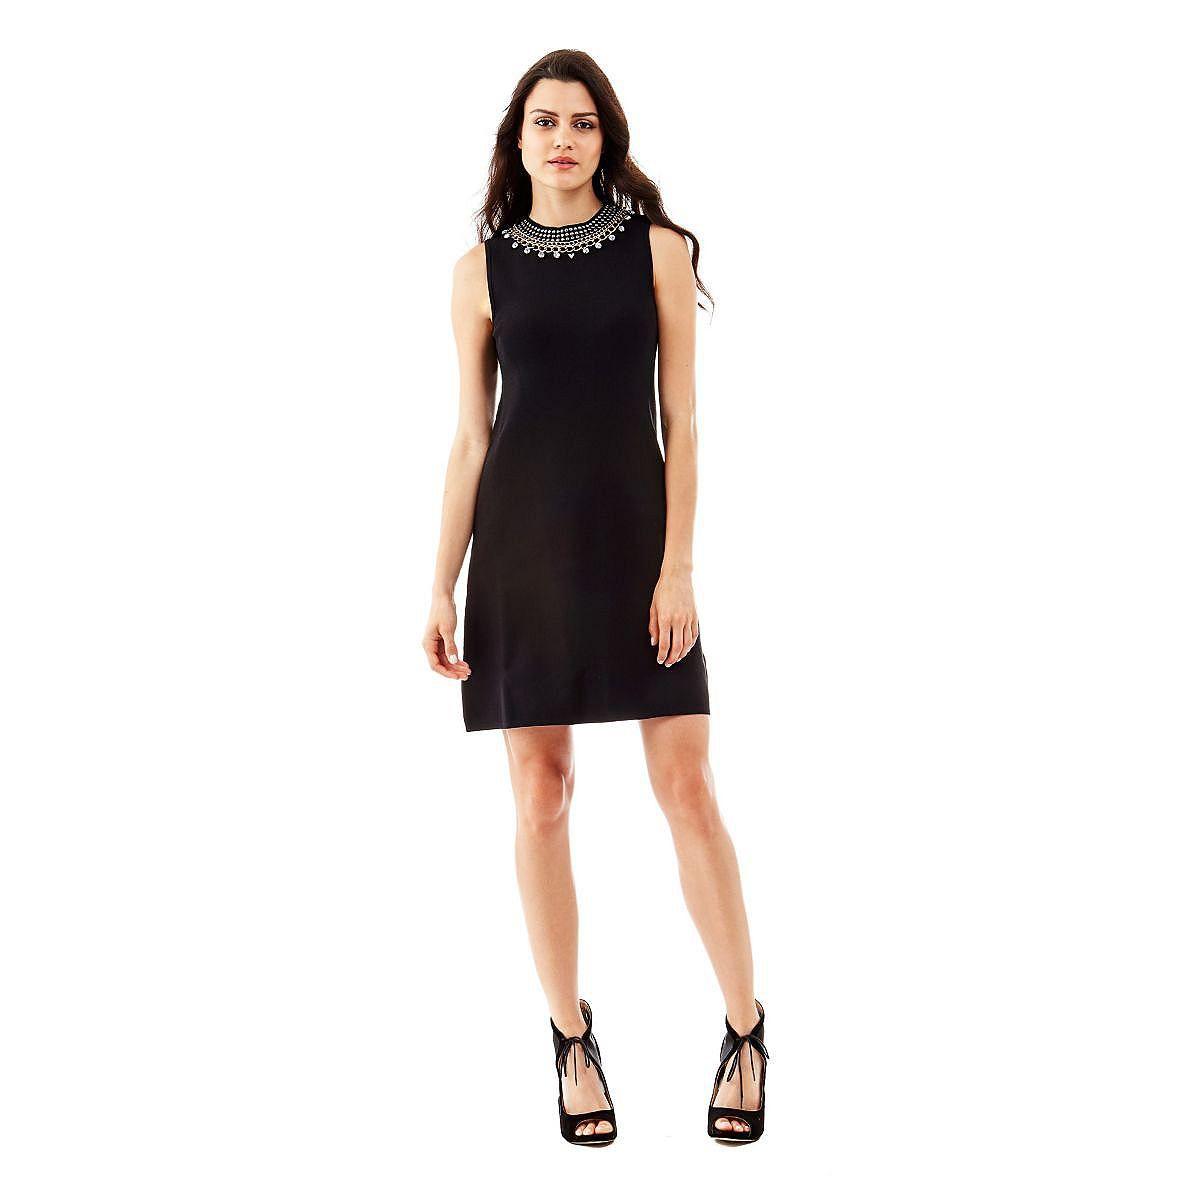 Kleid Bernarda A-line    Eine schlichte Optik ist der Schlüssel zum Bon-Chic-Look: Dieses Stretchkleid überzeugt mit Charme und Charakter. Am Ausschnitt glitzern Schmuckapplikationen, die zu einem stylishen Outfit inspirieren.    54% Viskose 45% Polyamid 1% Elastan.  Handwäsche.  Abgebildet ist Größe S, Gesamtlänge ca. 90 cm.  Fällt größengetreu aus....